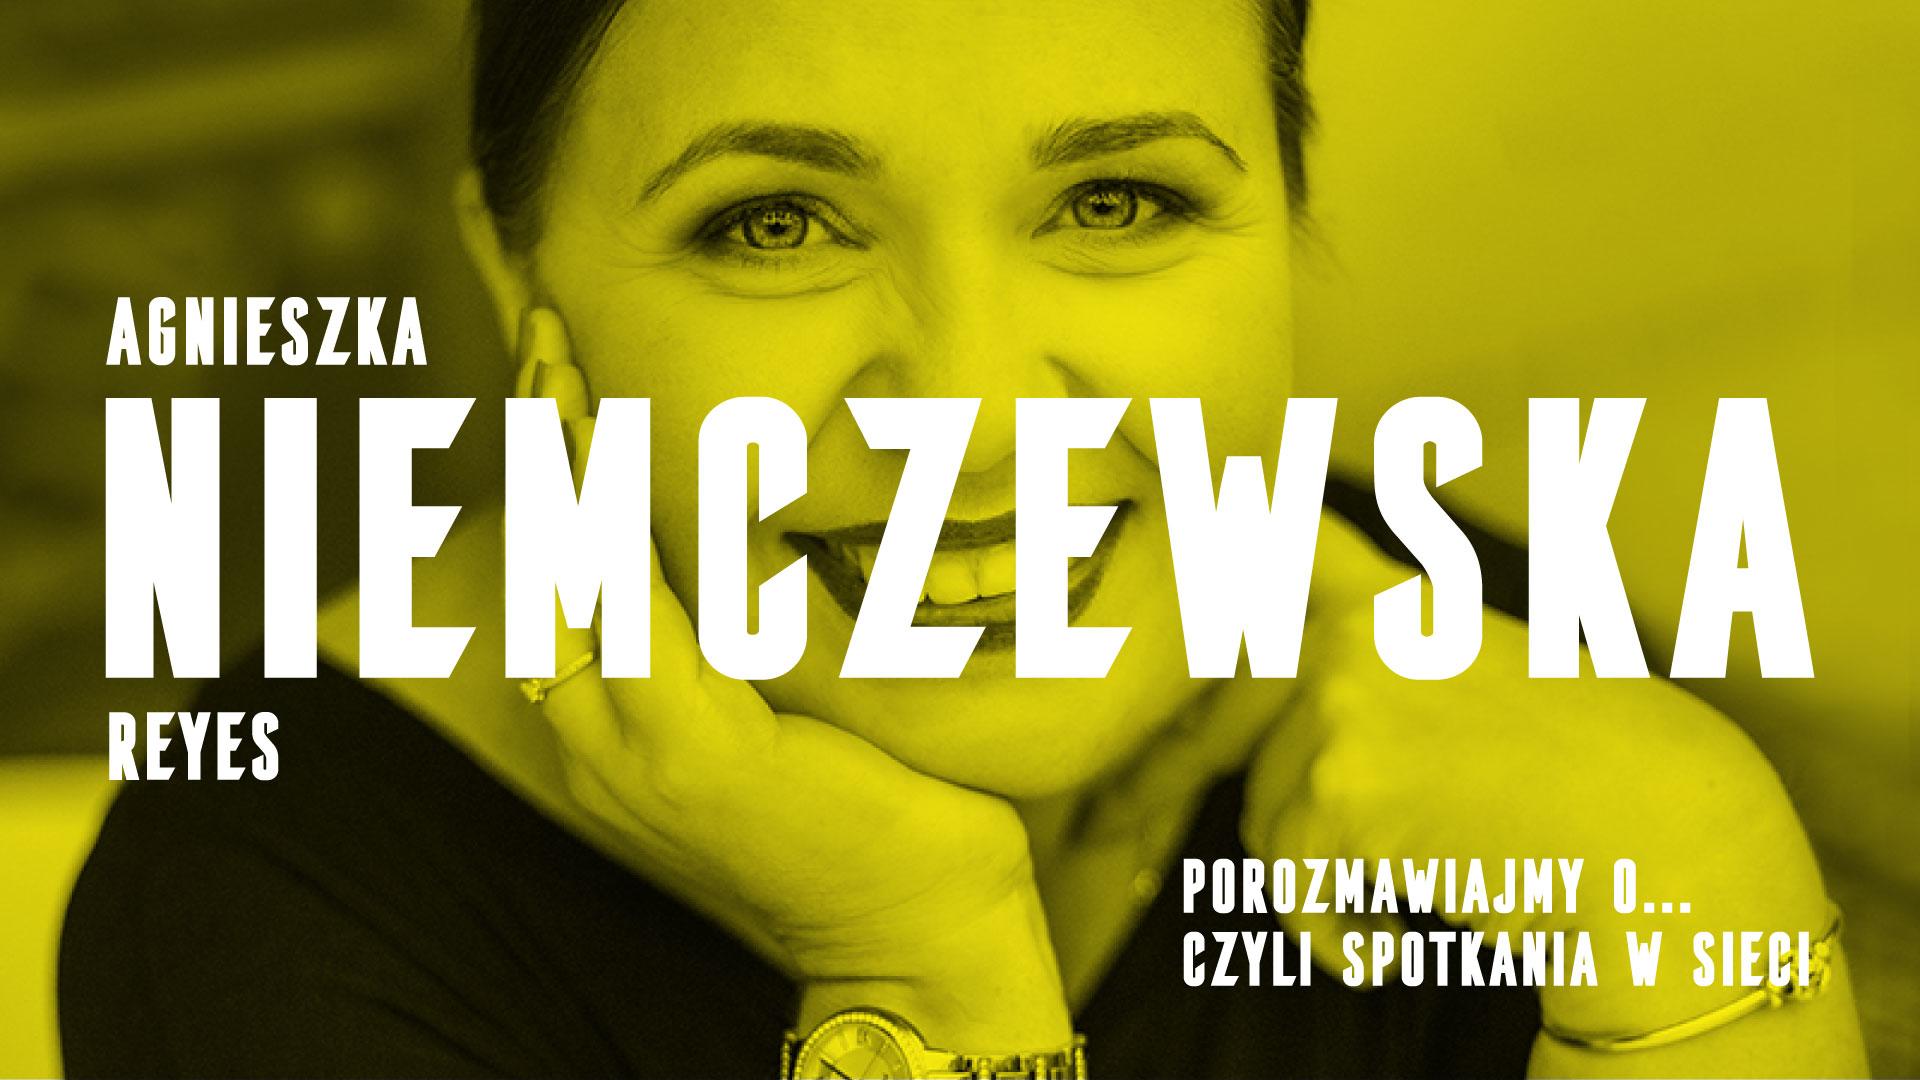 Porozmawiajmy o… czyli spotkania w sieci, gość Agnieszka Niemczewska Reyes